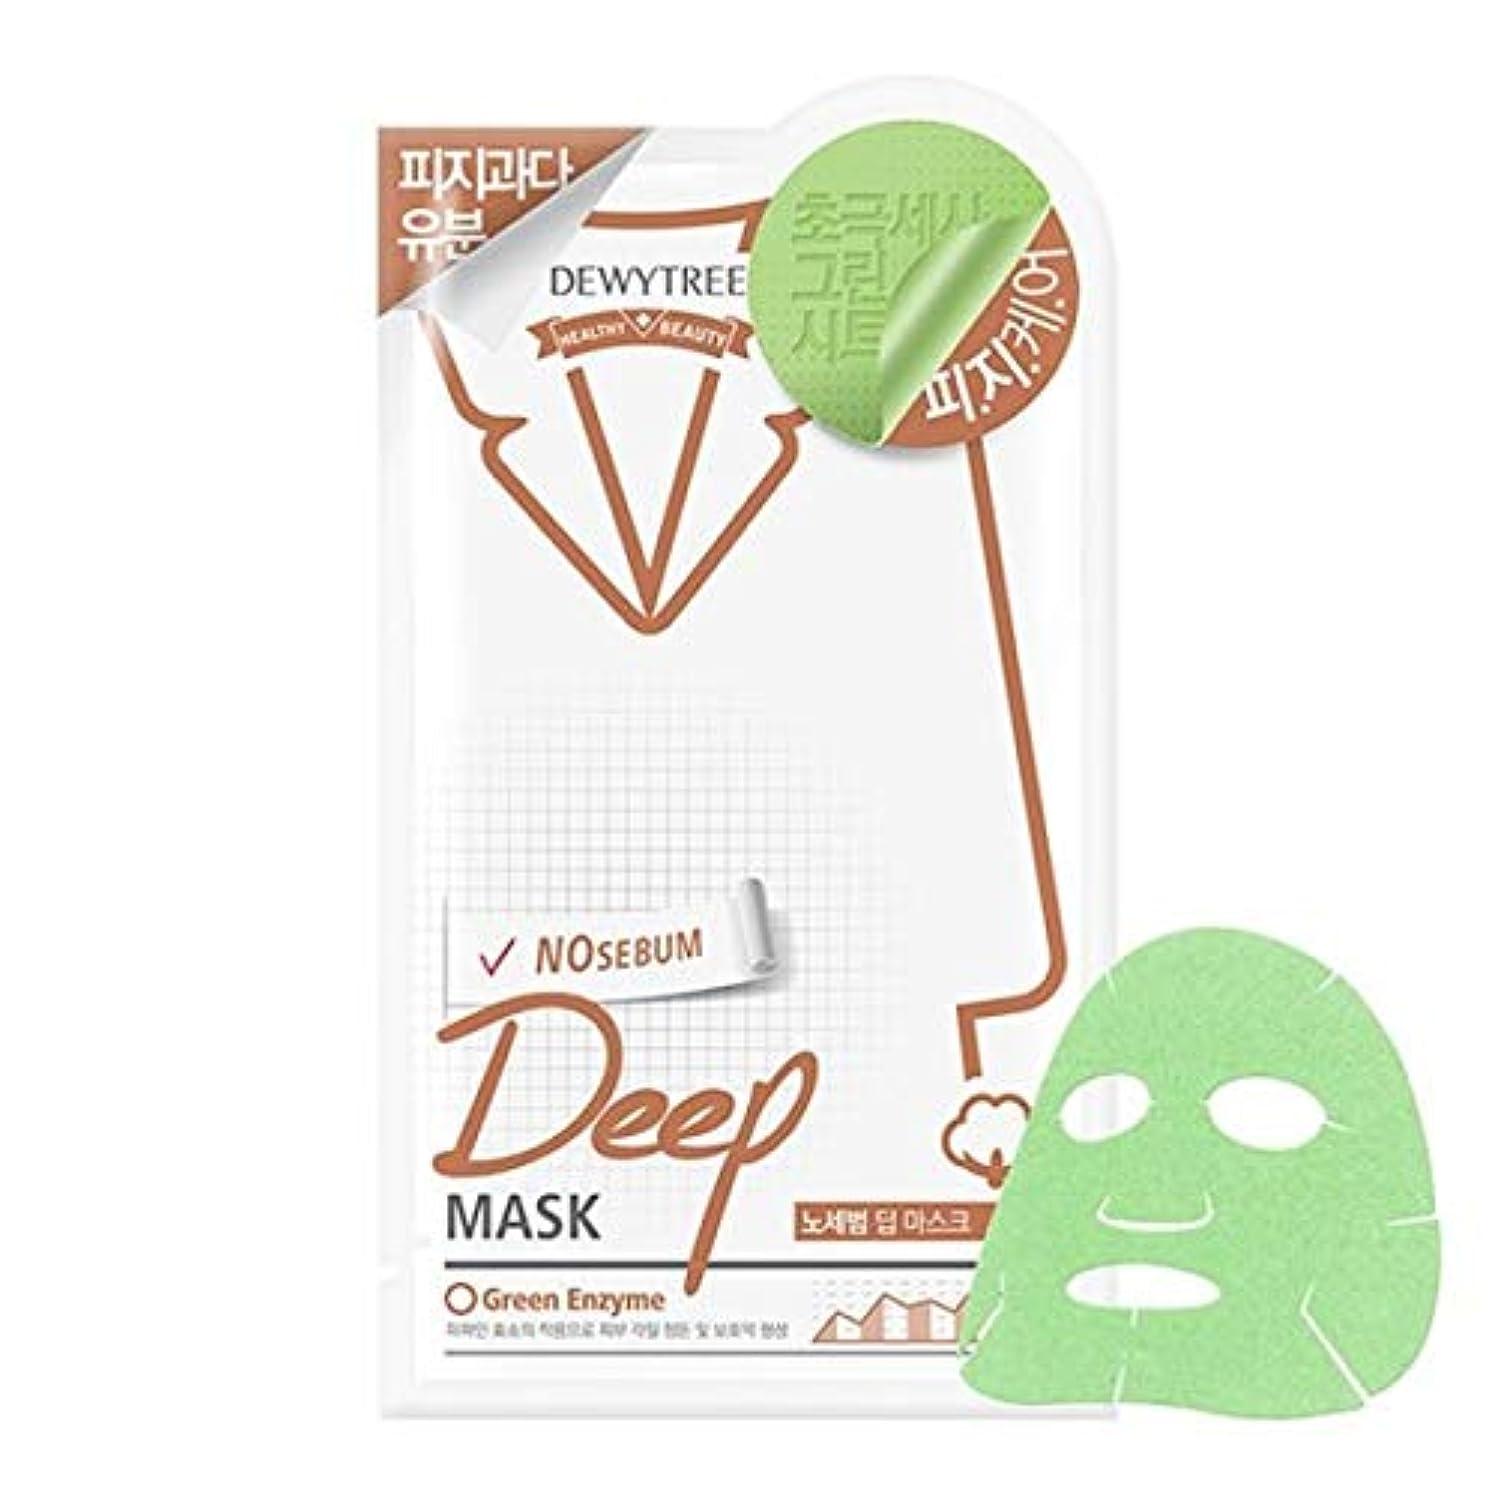 転送優れたハブ(デューイトゥリー) DEWYTREE ノセボムディープマスク 20枚 Nosebum Deep Mask 韓国マスクパック (並行輸入品)